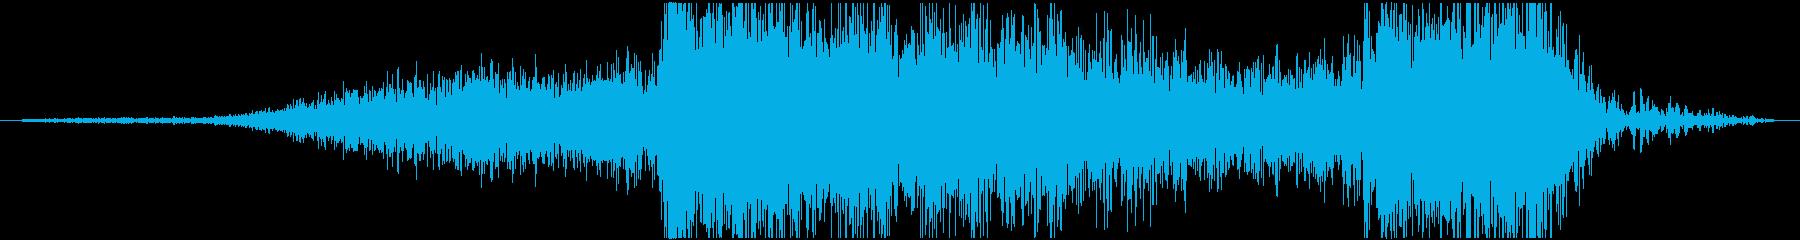 【ゲーム】 破壊_05 転覆・撃沈の再生済みの波形